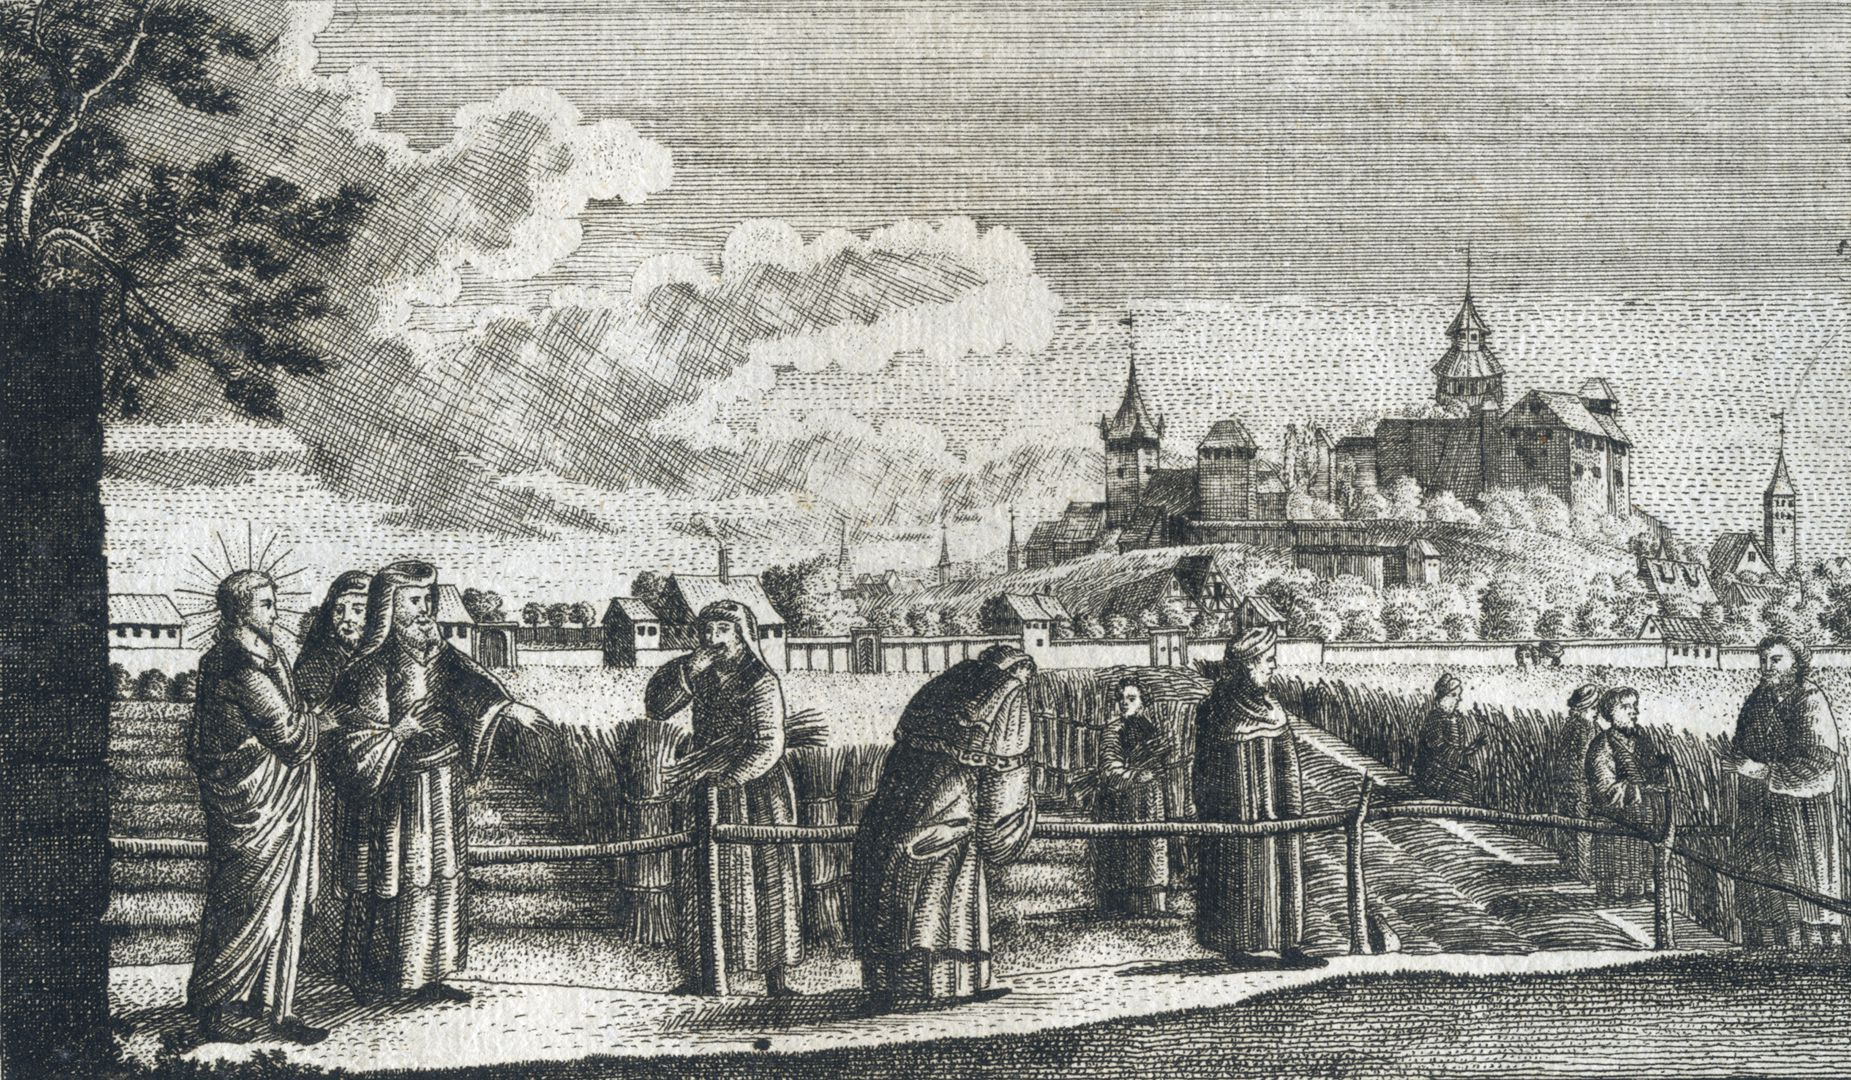 Prospect der Johannes_Felder bei Nürnberg Bild